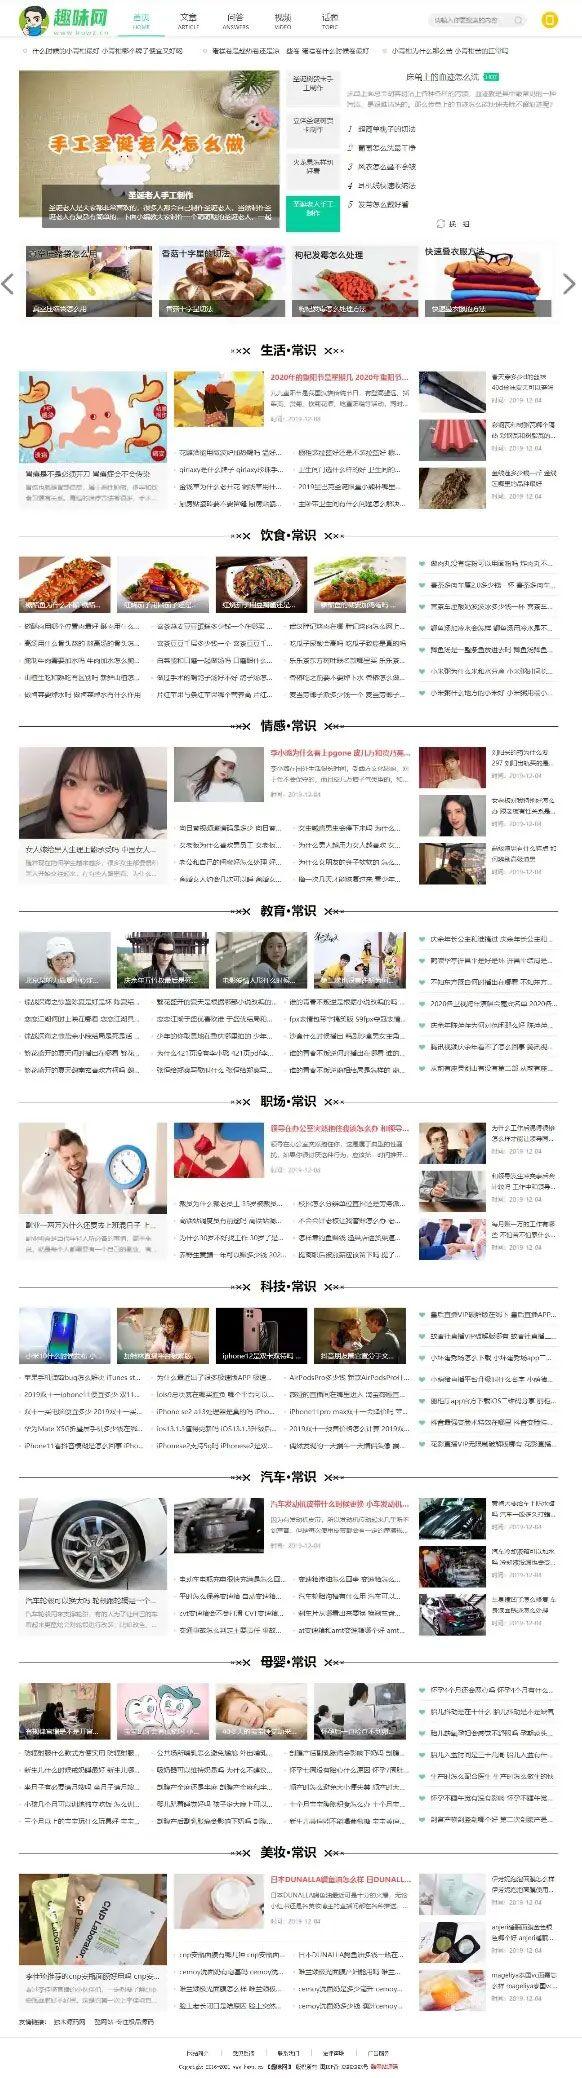 帝国cms7.5仿新版《趣味网》视频文章问答网站源码免费分享